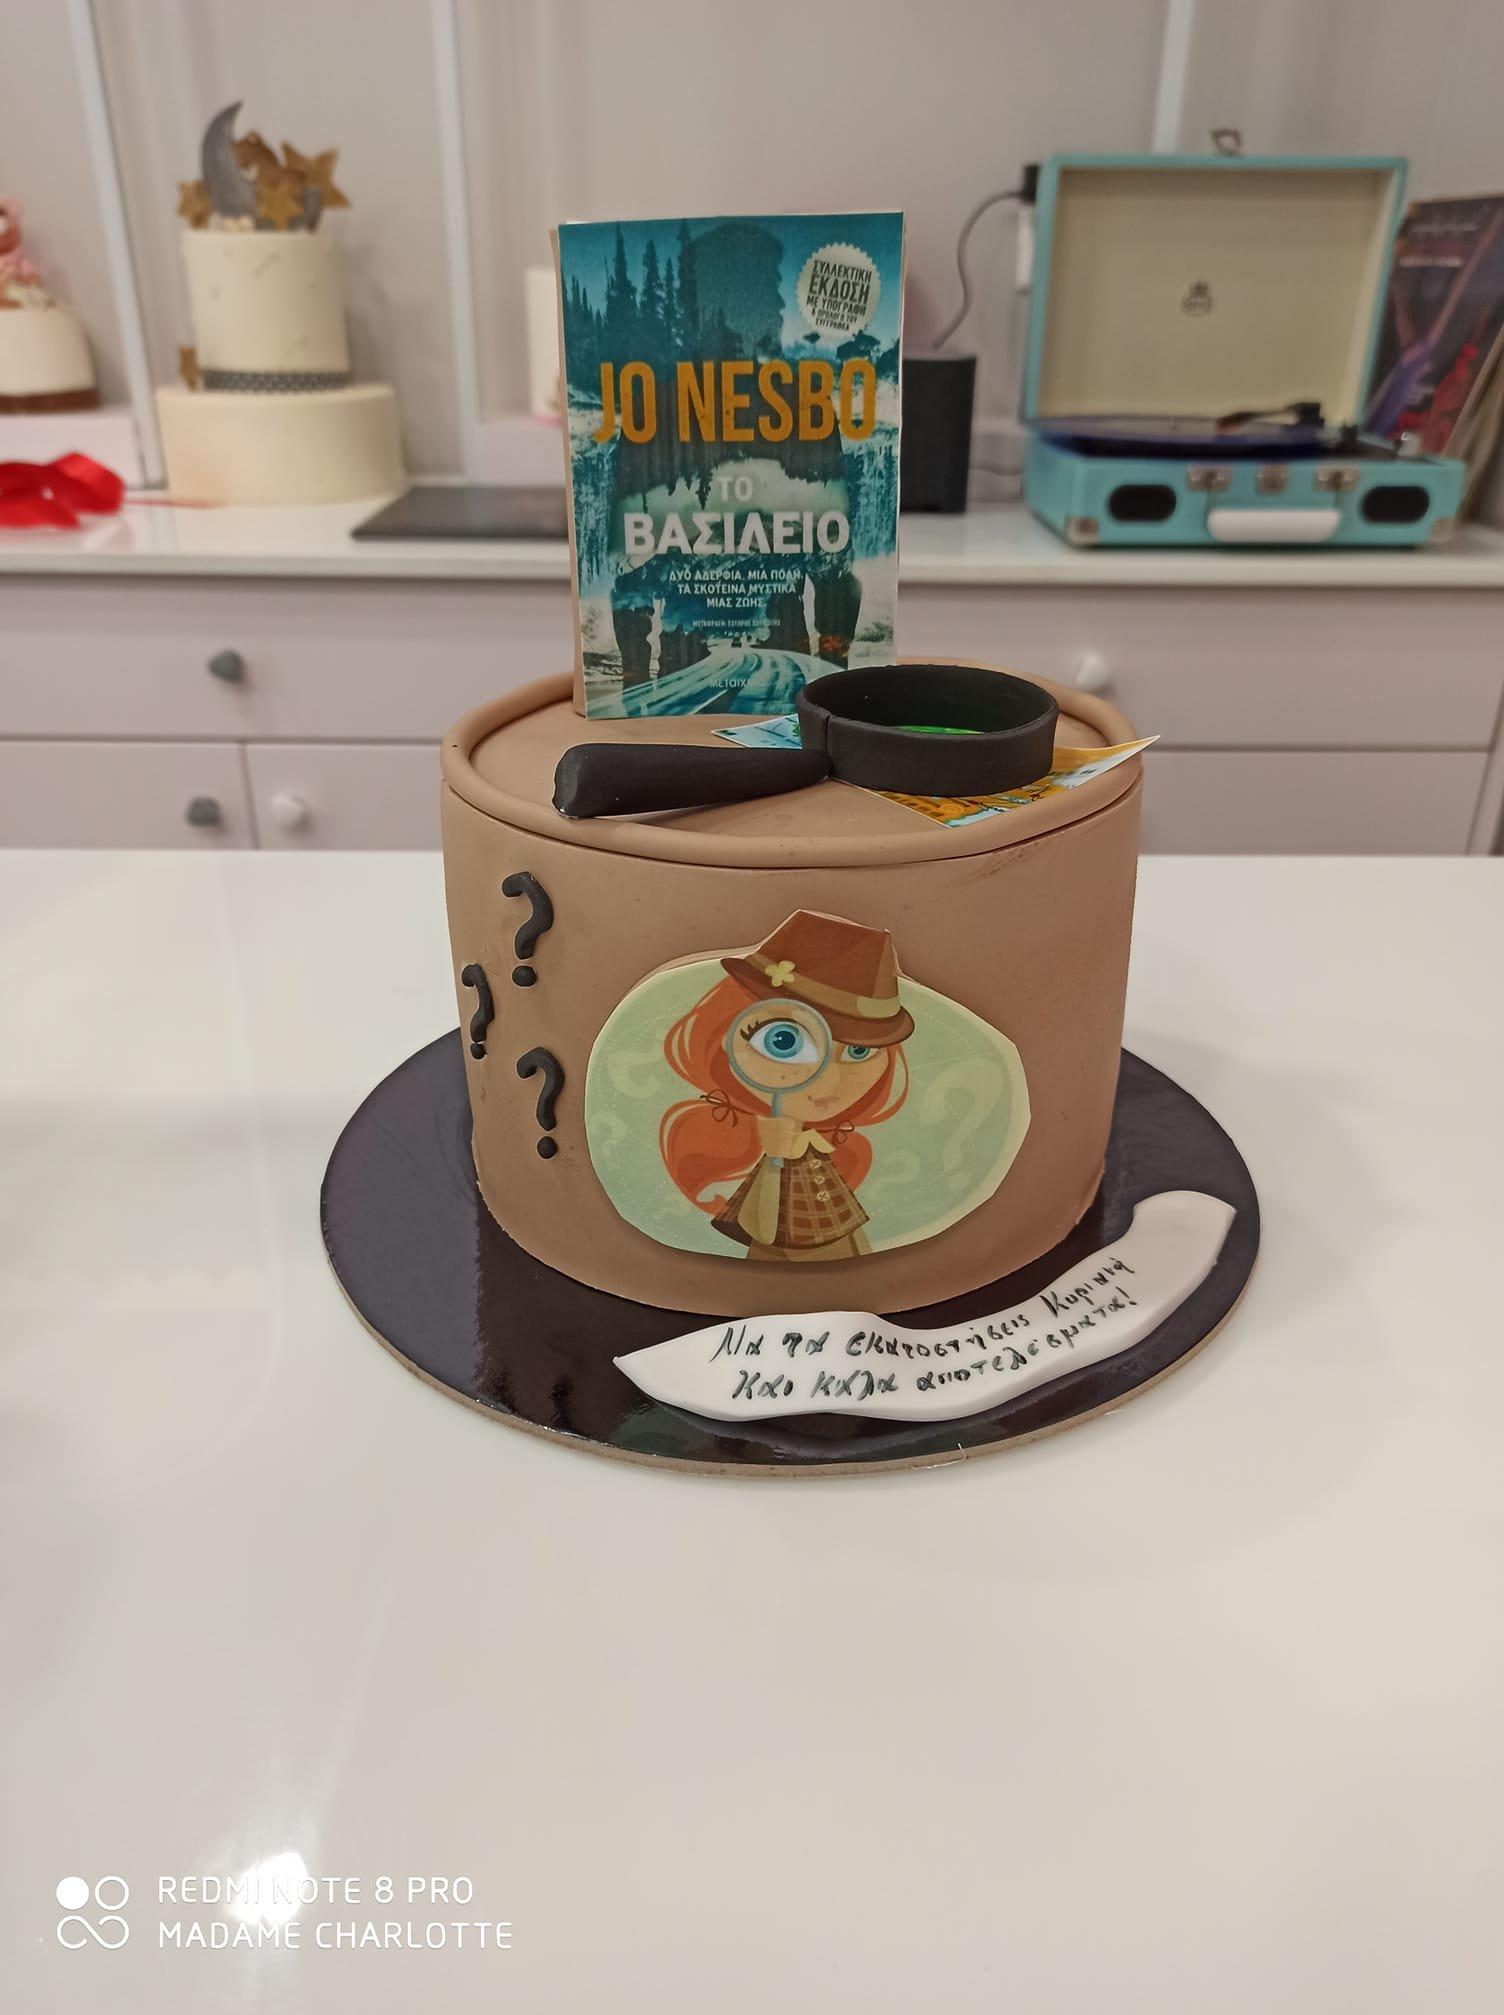 τούρτα από ζαχαρόπαστα Jo Nesbo - Χαρι Χολε themed cake, Ζαχαροπλαστεία στη Καλαμάτα madame charlotte, τούρτες γεννεθλίων γάμου βάπτησης παιδικές θεματικές birthday theme party cake 2d 3d confectionery patisserie kalamata